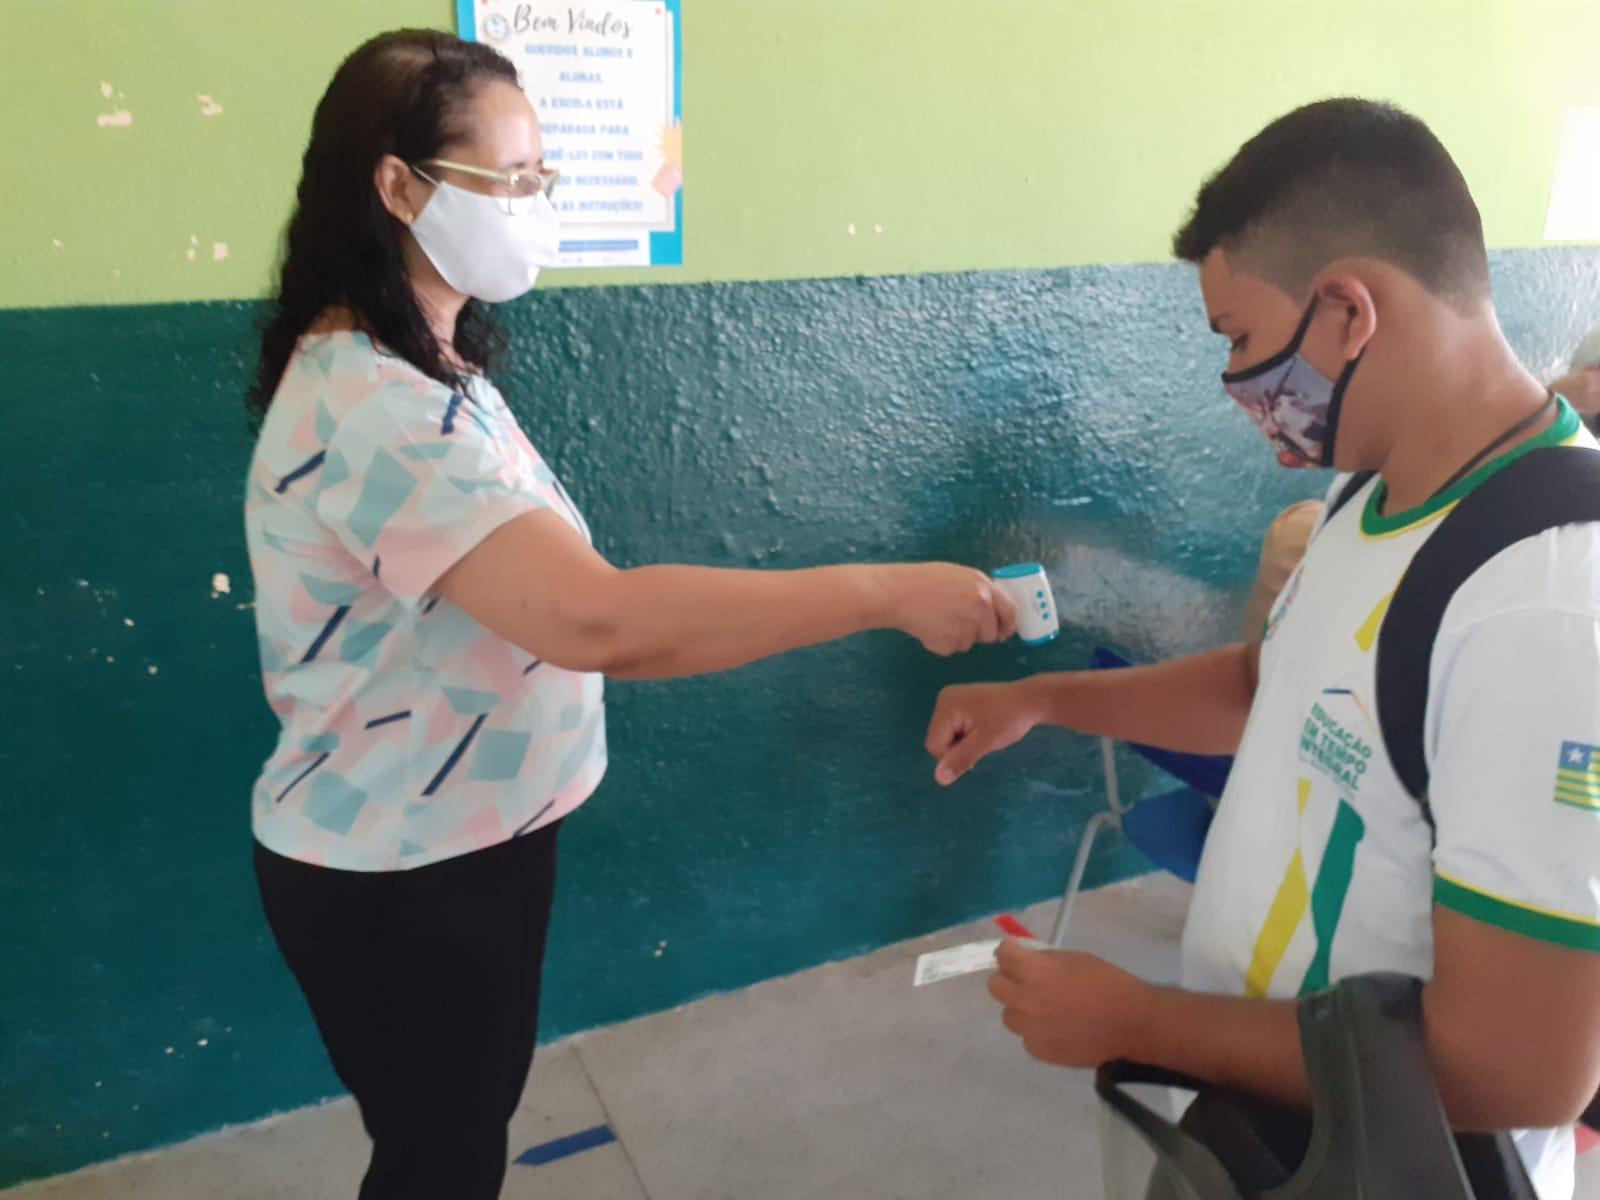 As equipes e as salas de aula foram adaptadas para essa nova realidade na reabertura - Foto: Divulgação